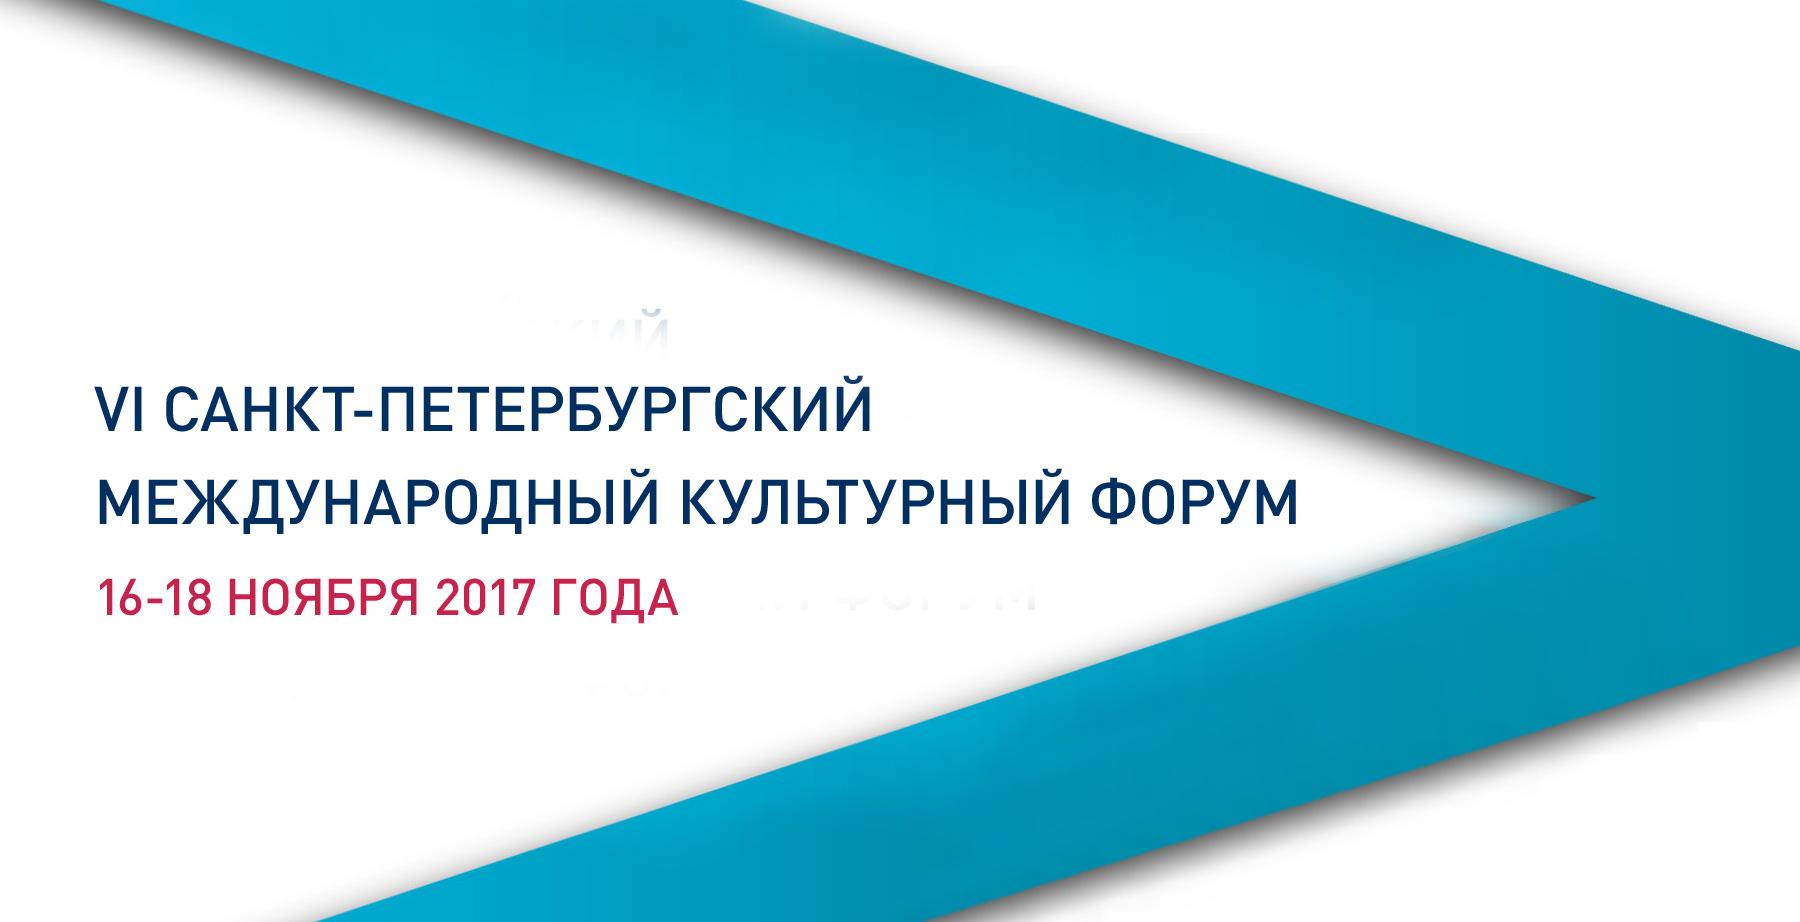 : Санкт-петербургский культурный форум